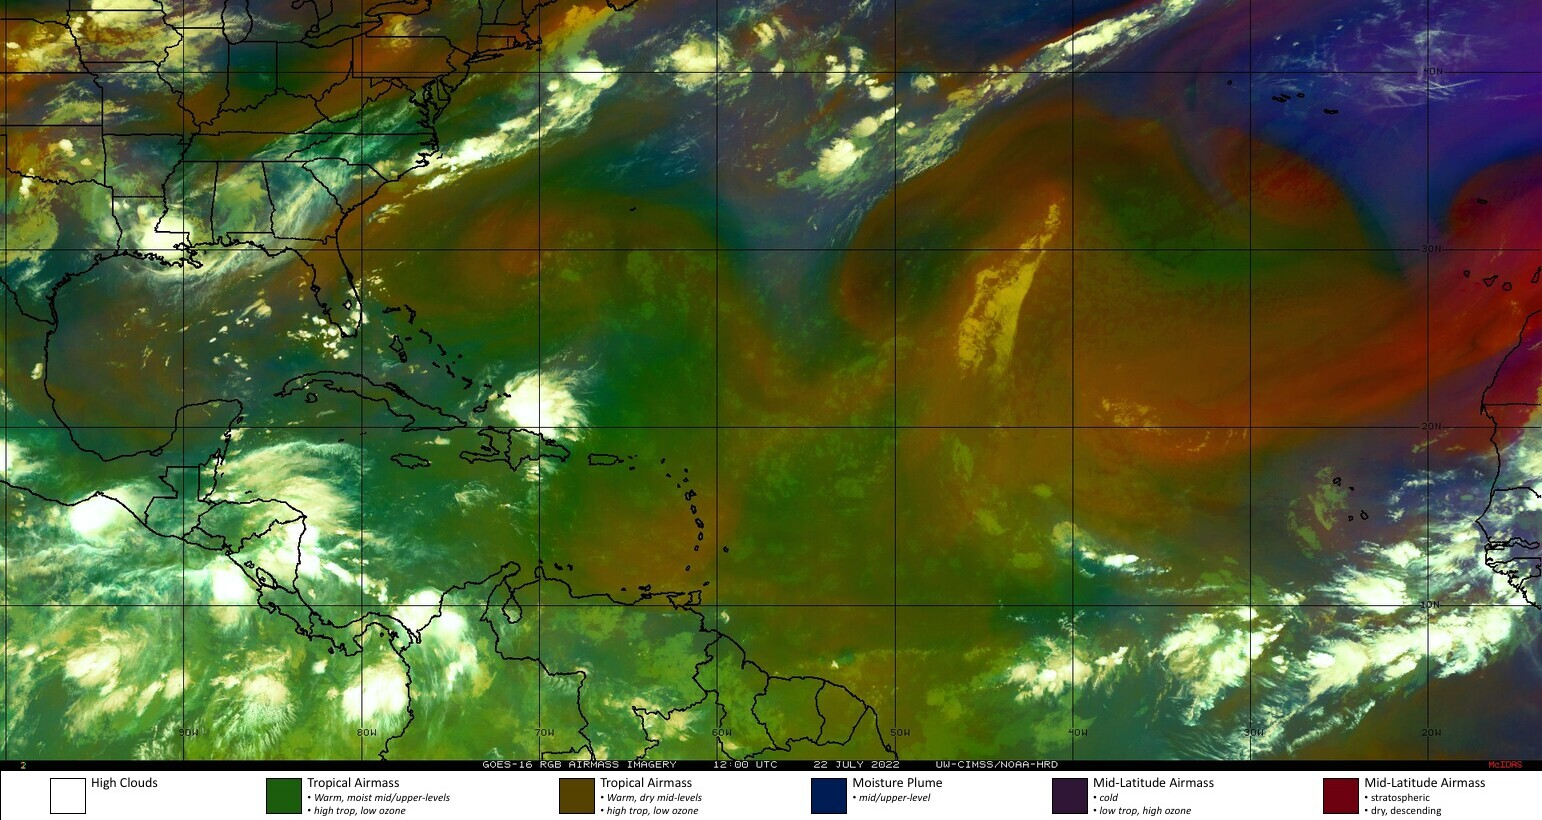 http://tropic.ssec.wisc.edu/real-time/sal/g16rgbairmass/g16airmass.jpg